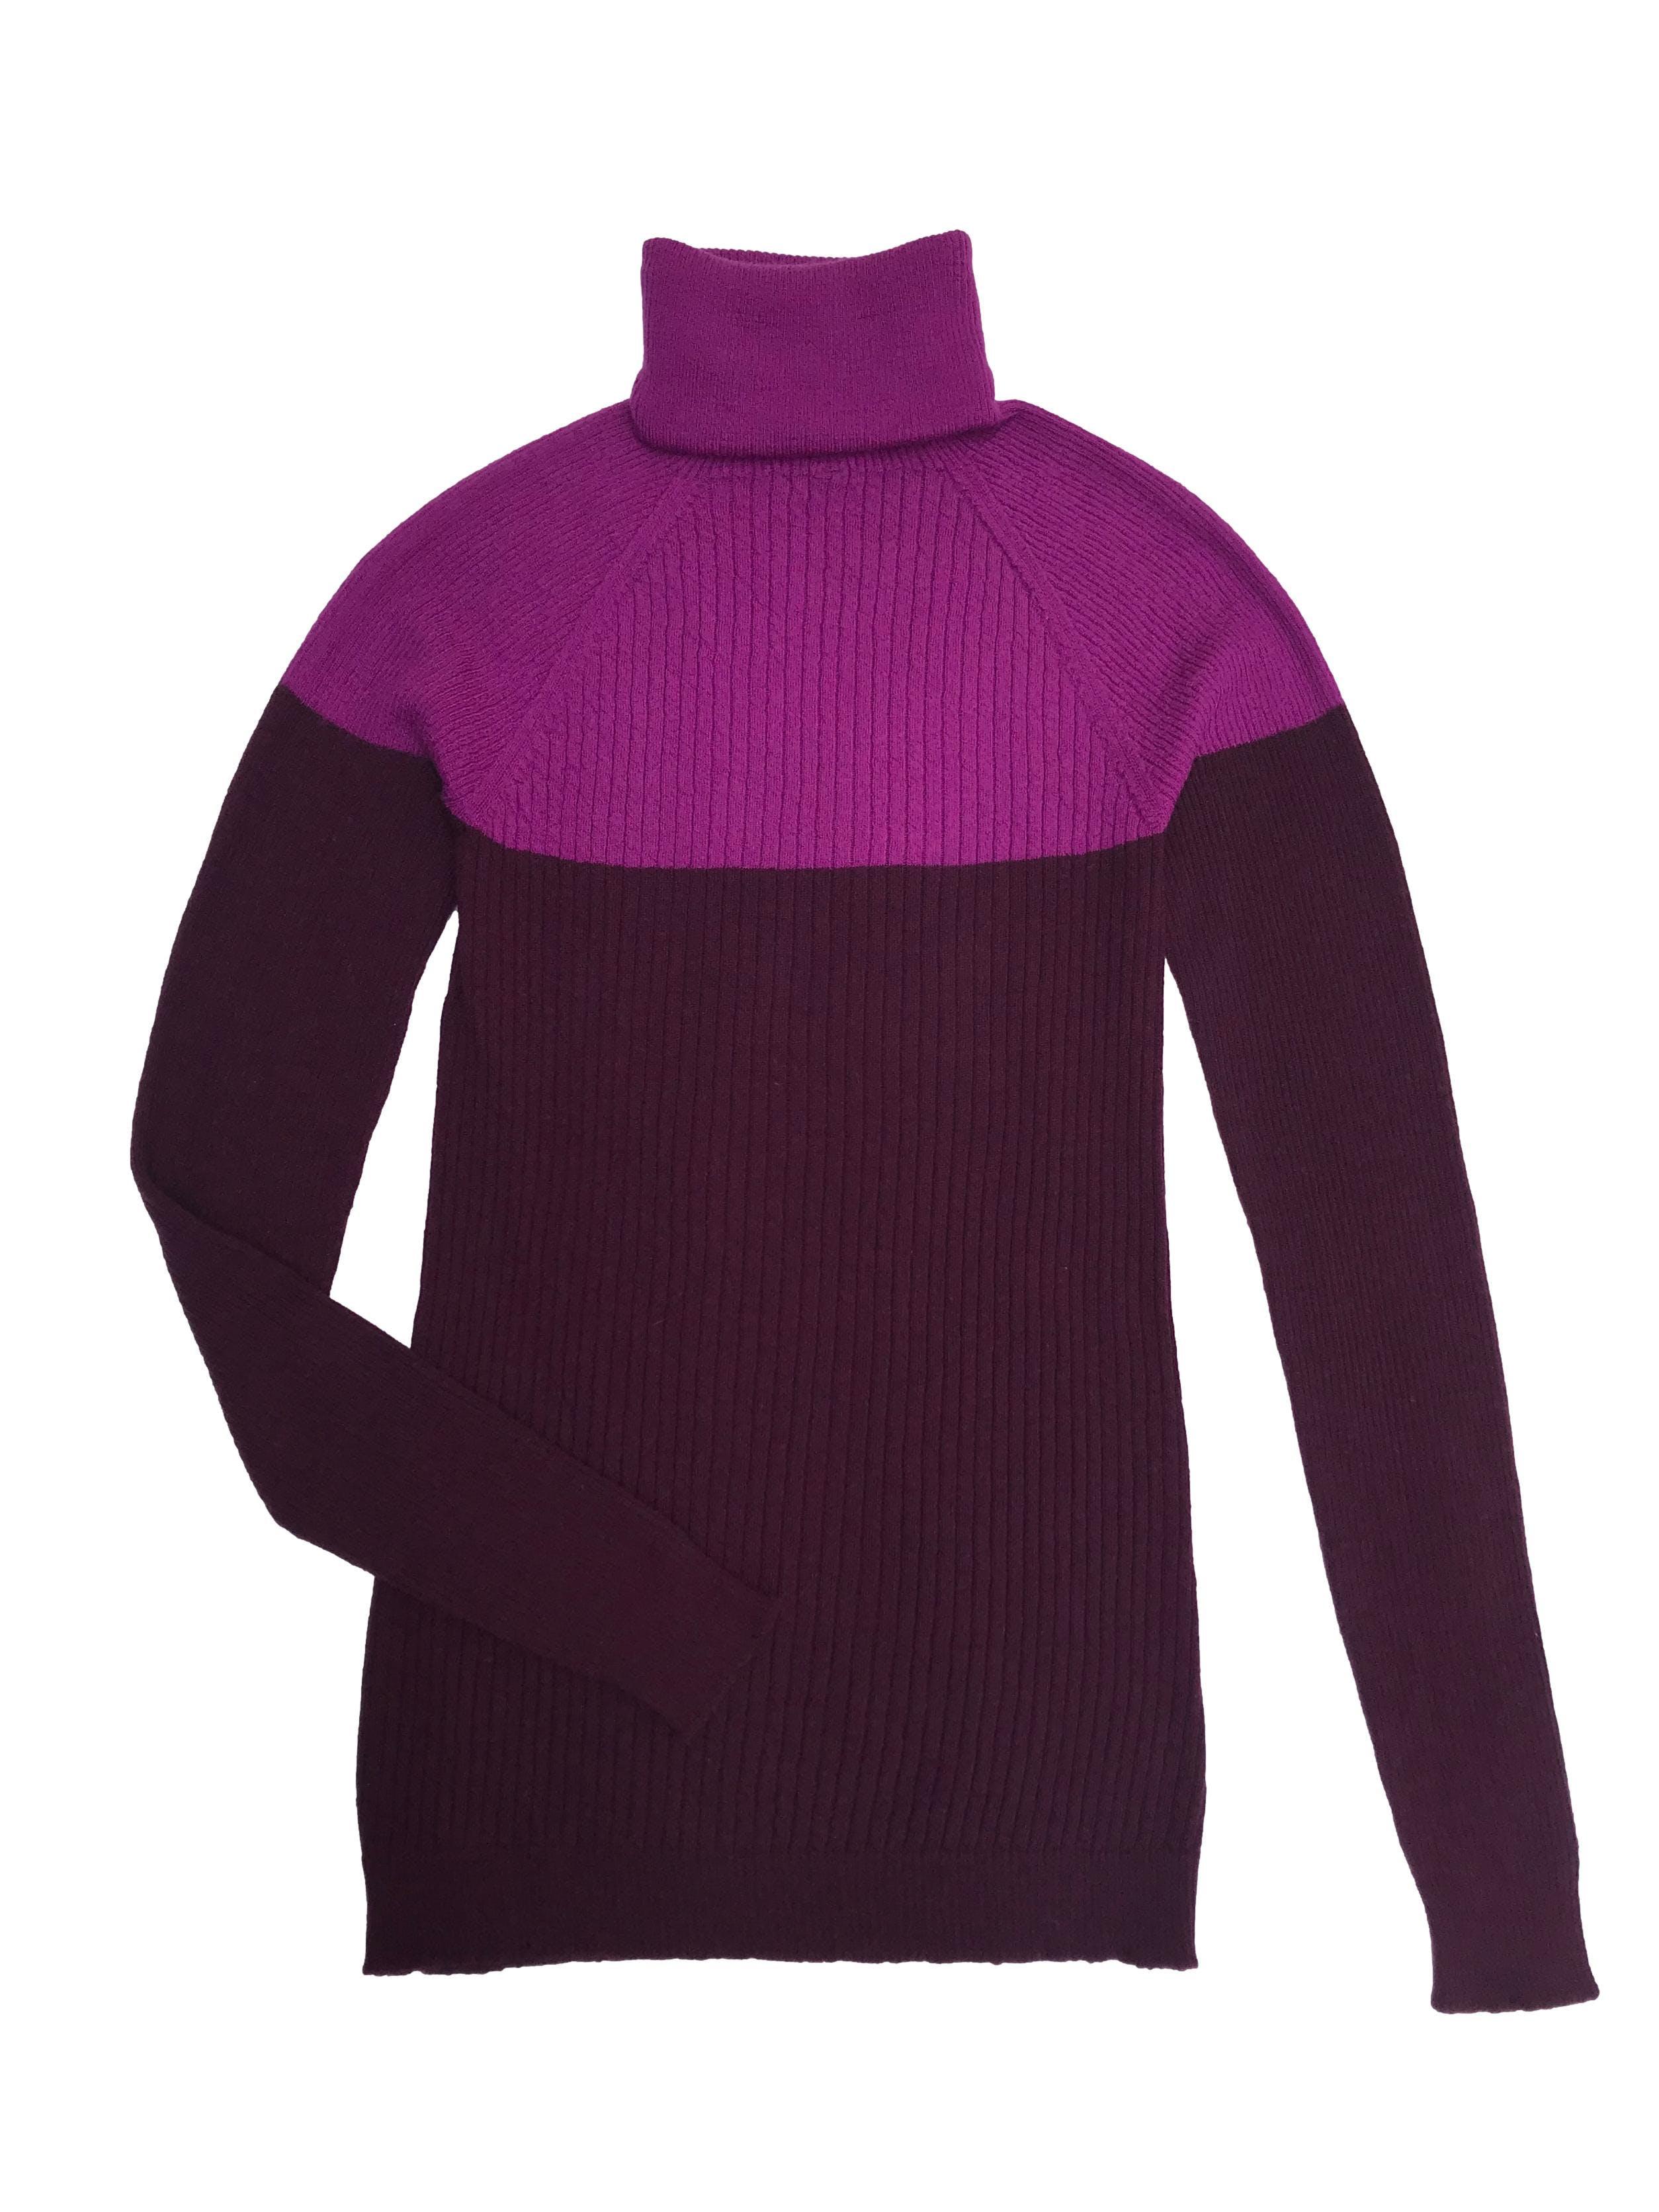 Suéter Benetton 50% lana 30% lana 20% alcrílico en tonos morados, cuello tortuga y textura acanalada. Precio original S/ 269